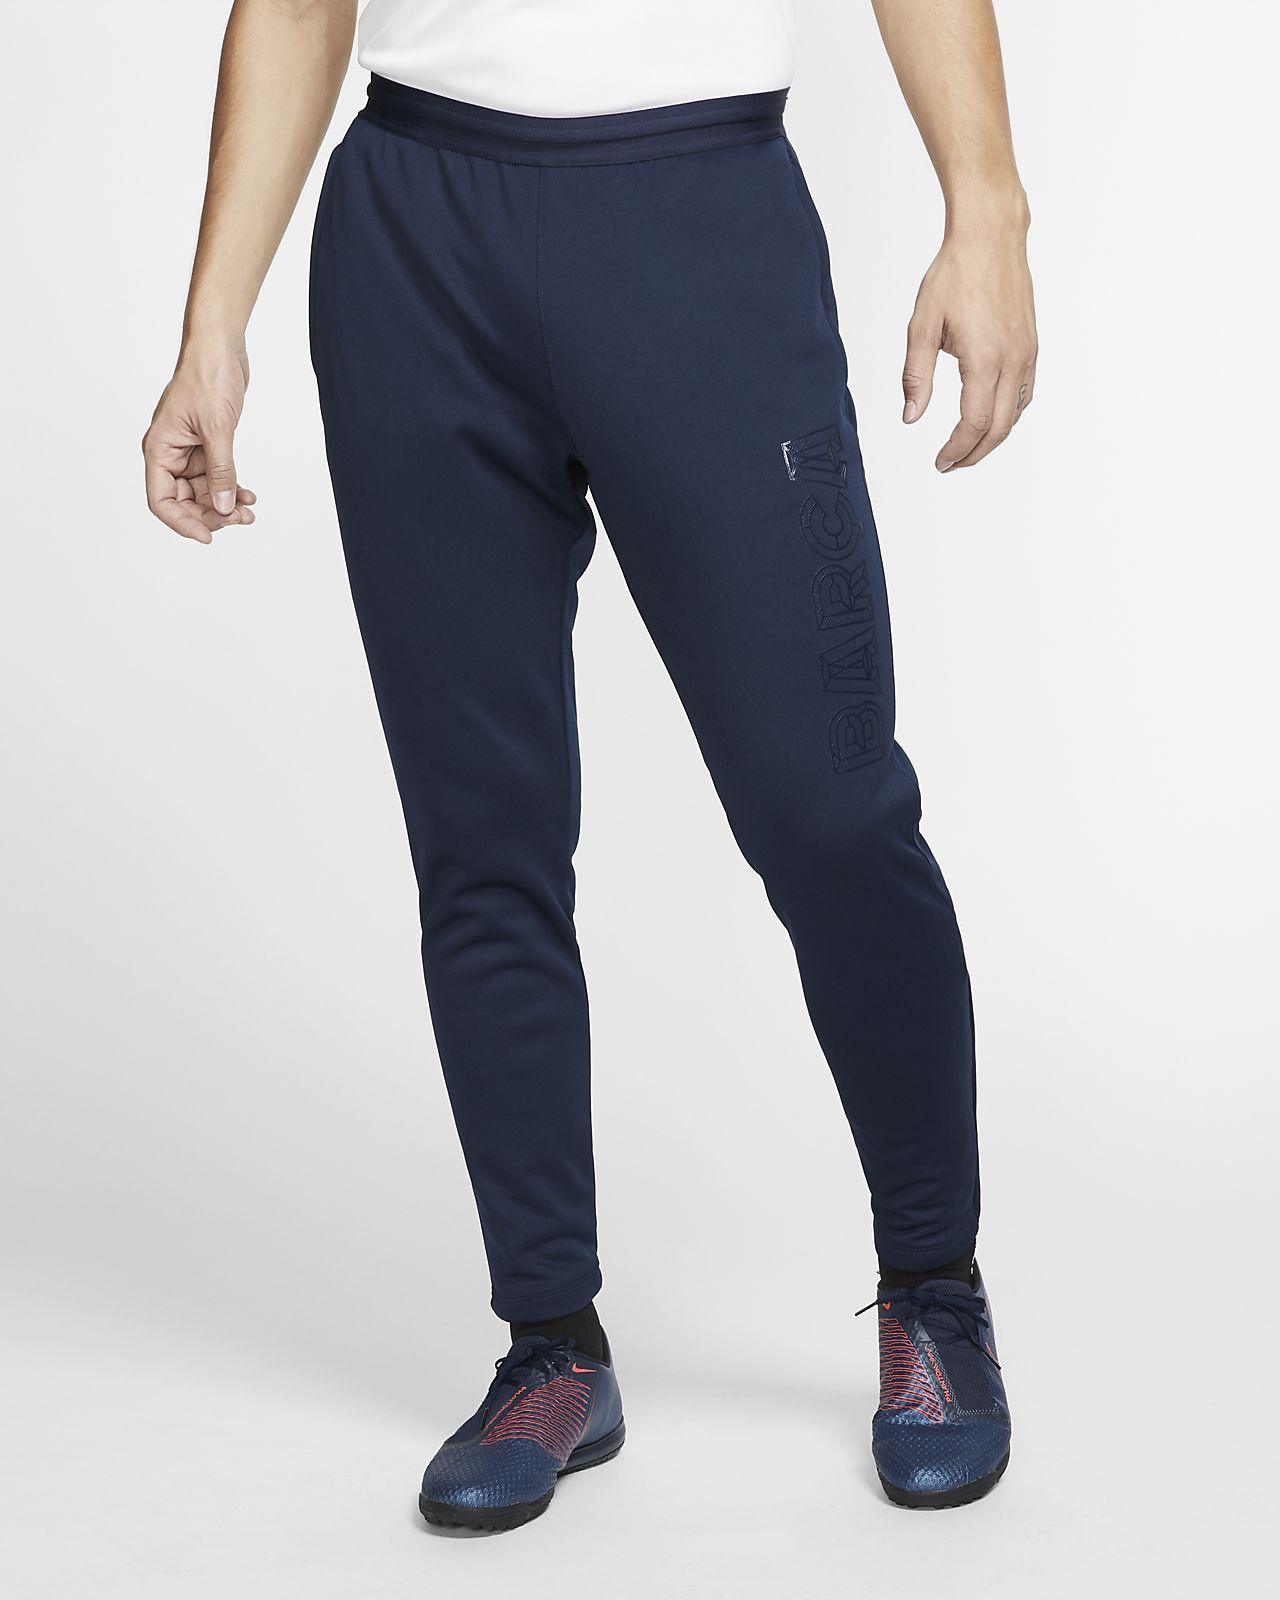 FC Barcelona Pantalons de futbol - Home